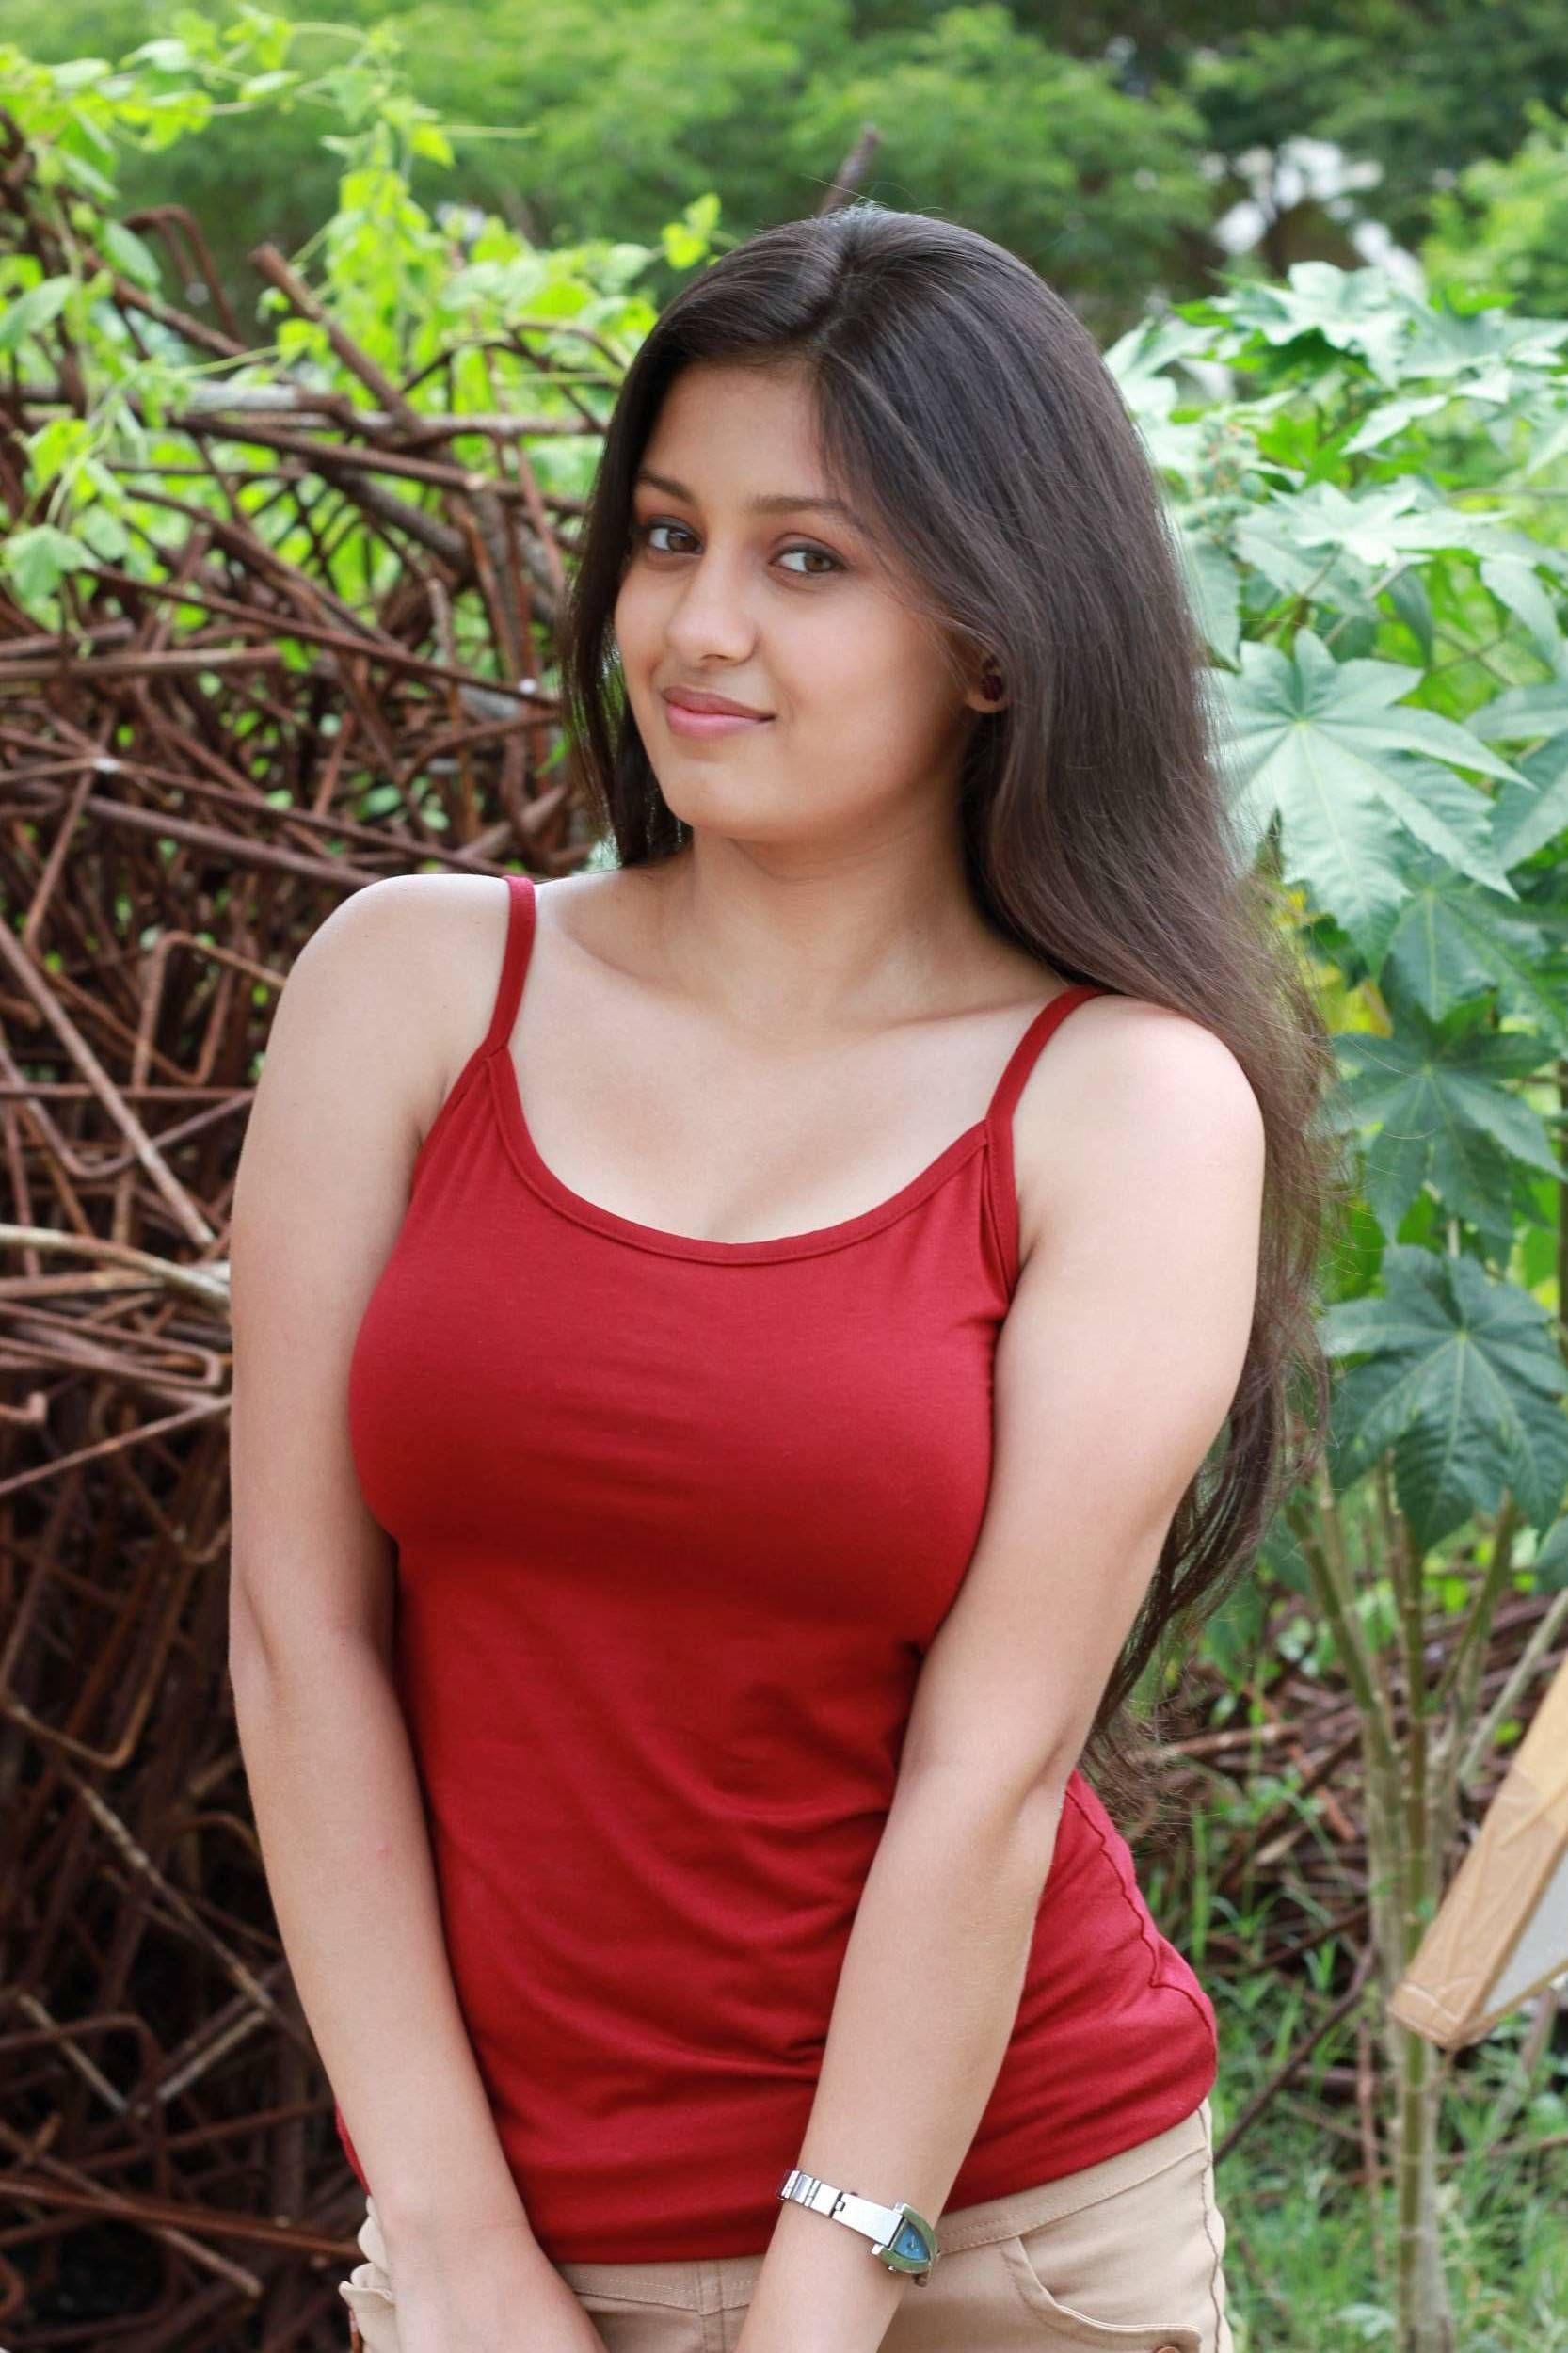 hot pics of agneepath actress kanika tiwari | bollywood actresses